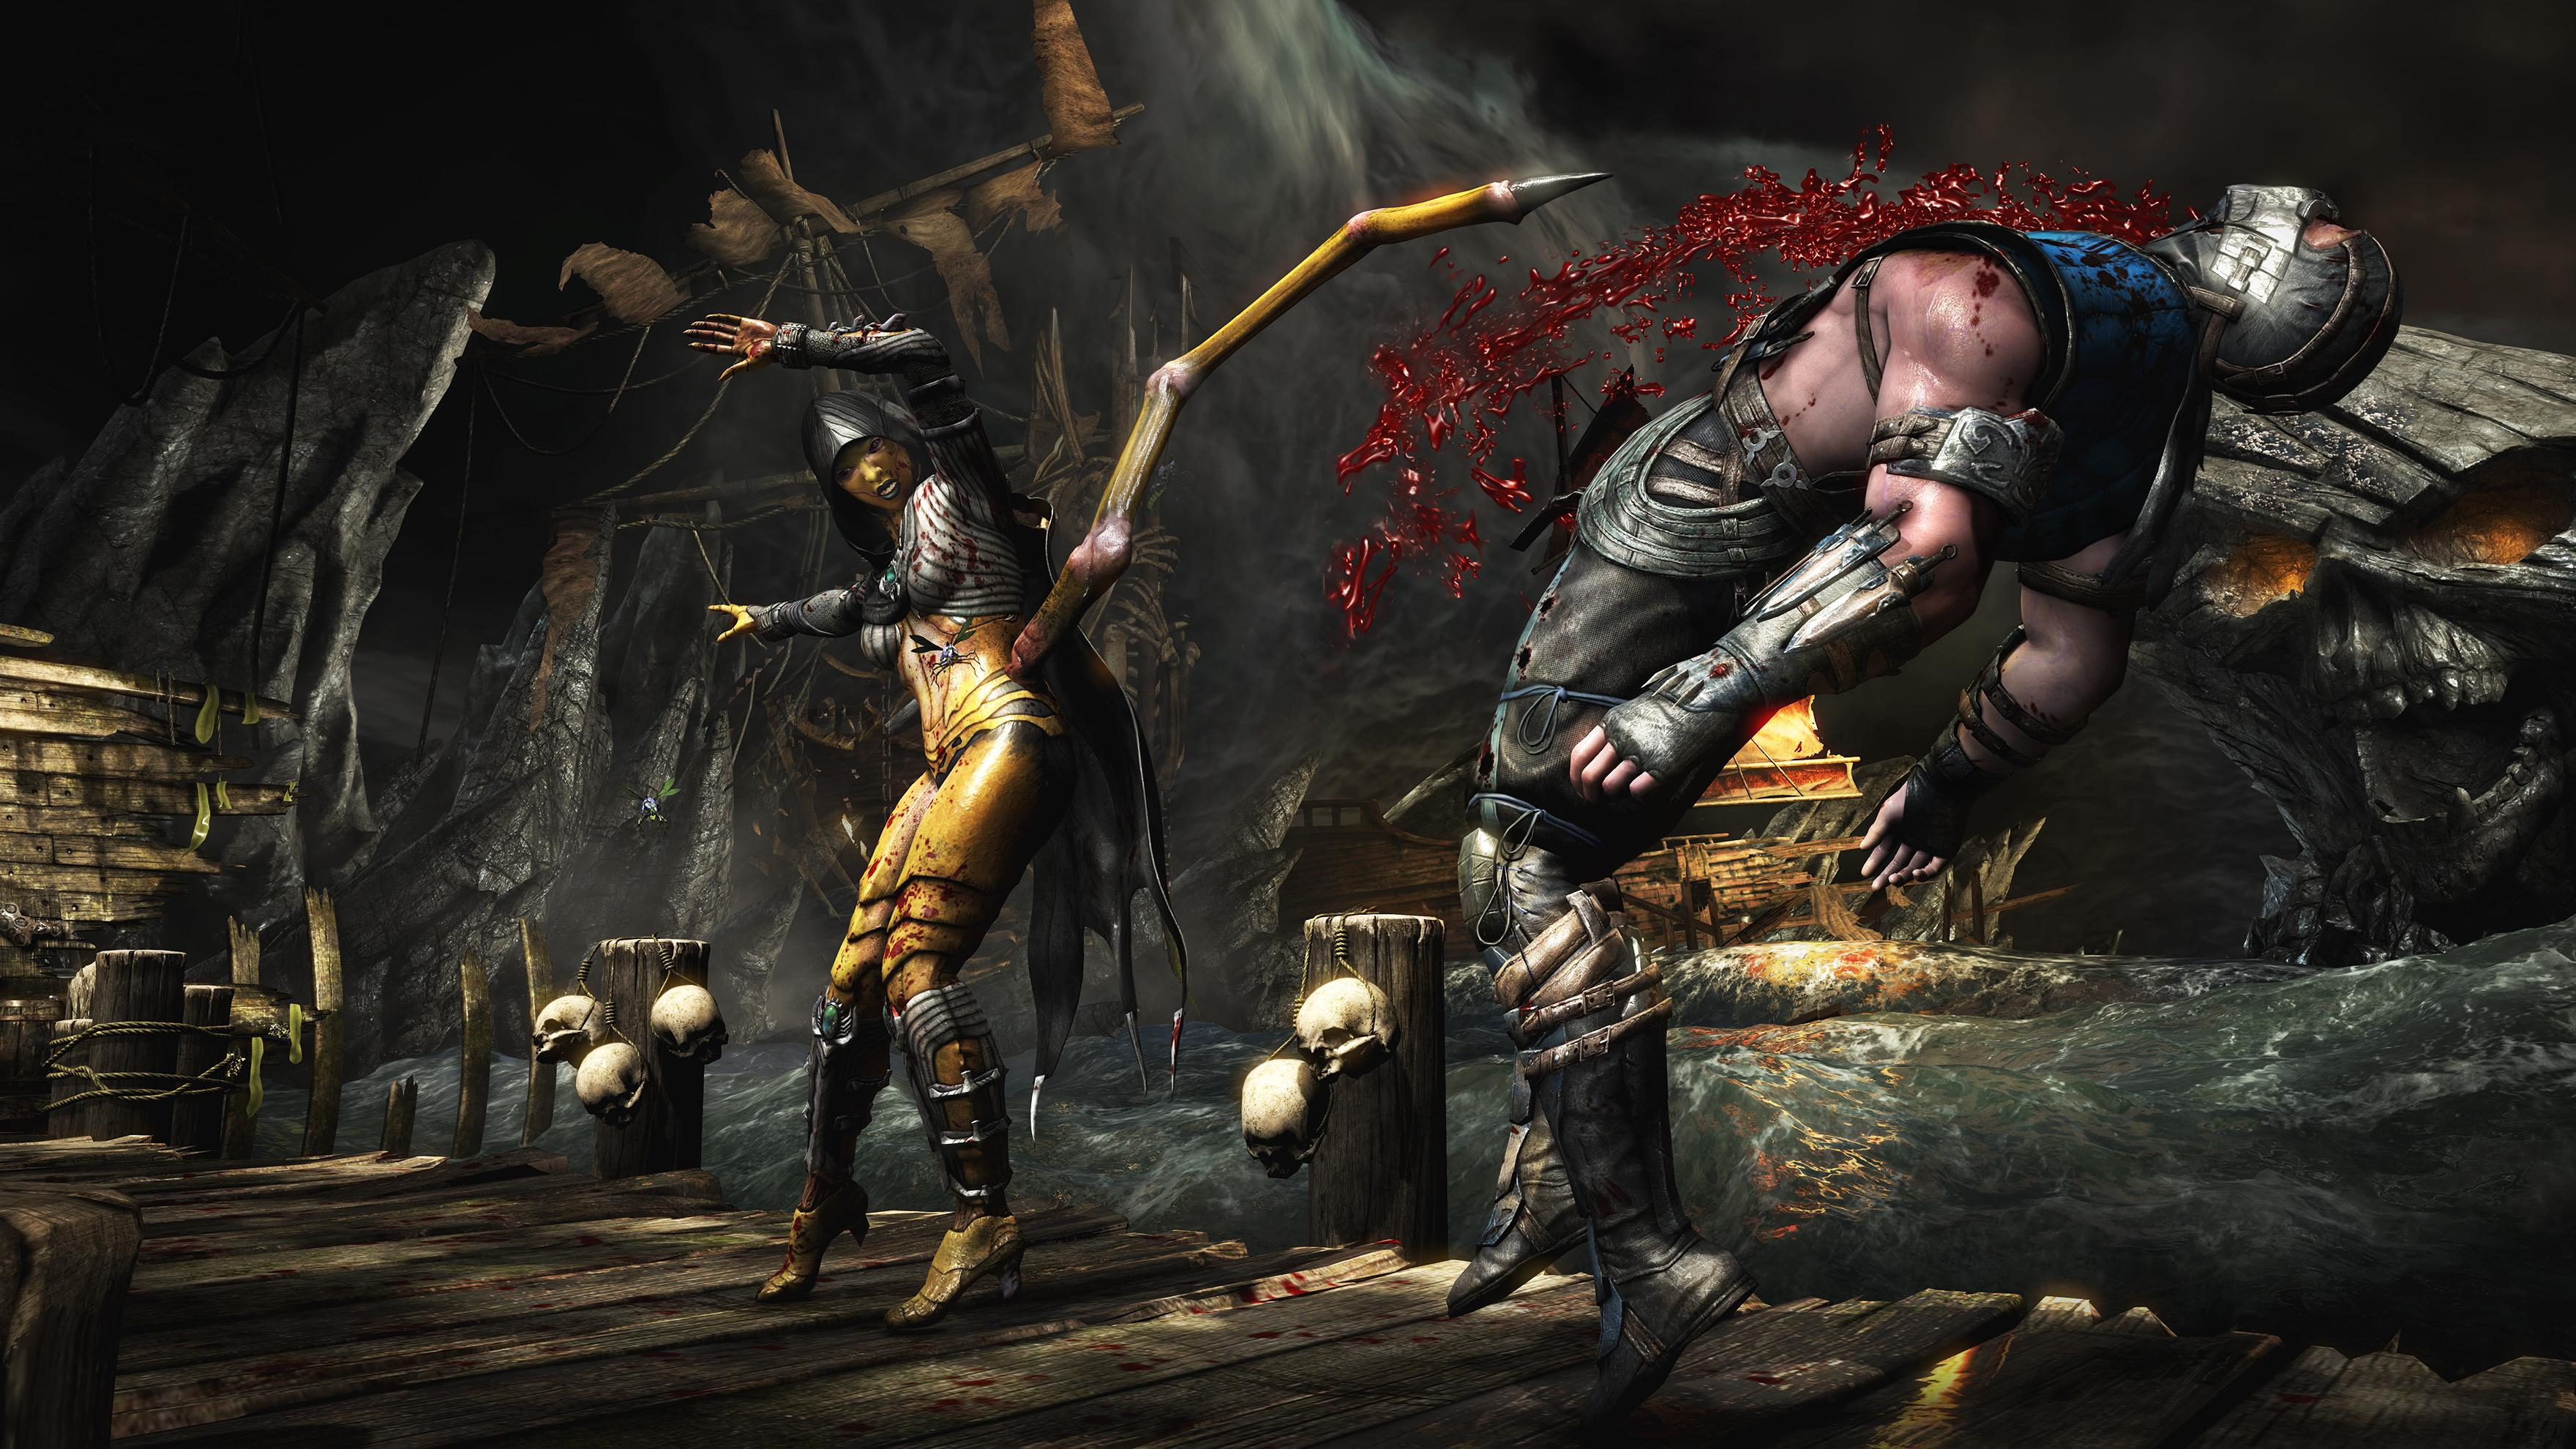 Mortal-Kombat-X-release-date